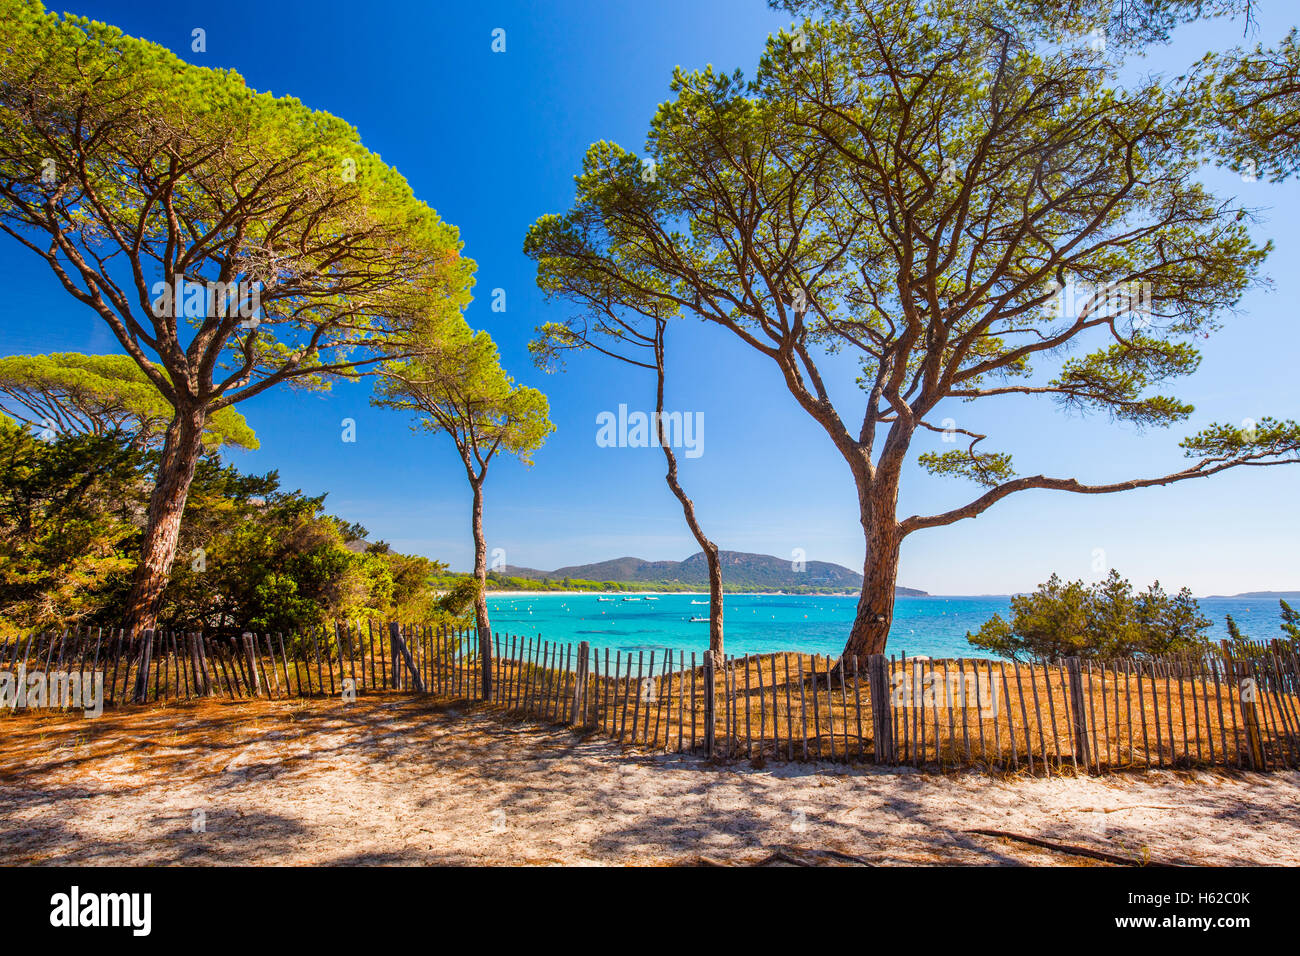 Pini a Palombaggia spiaggia di sabbia sulla parte sud della Corsica, in Francia, in Europa. Immagini Stock